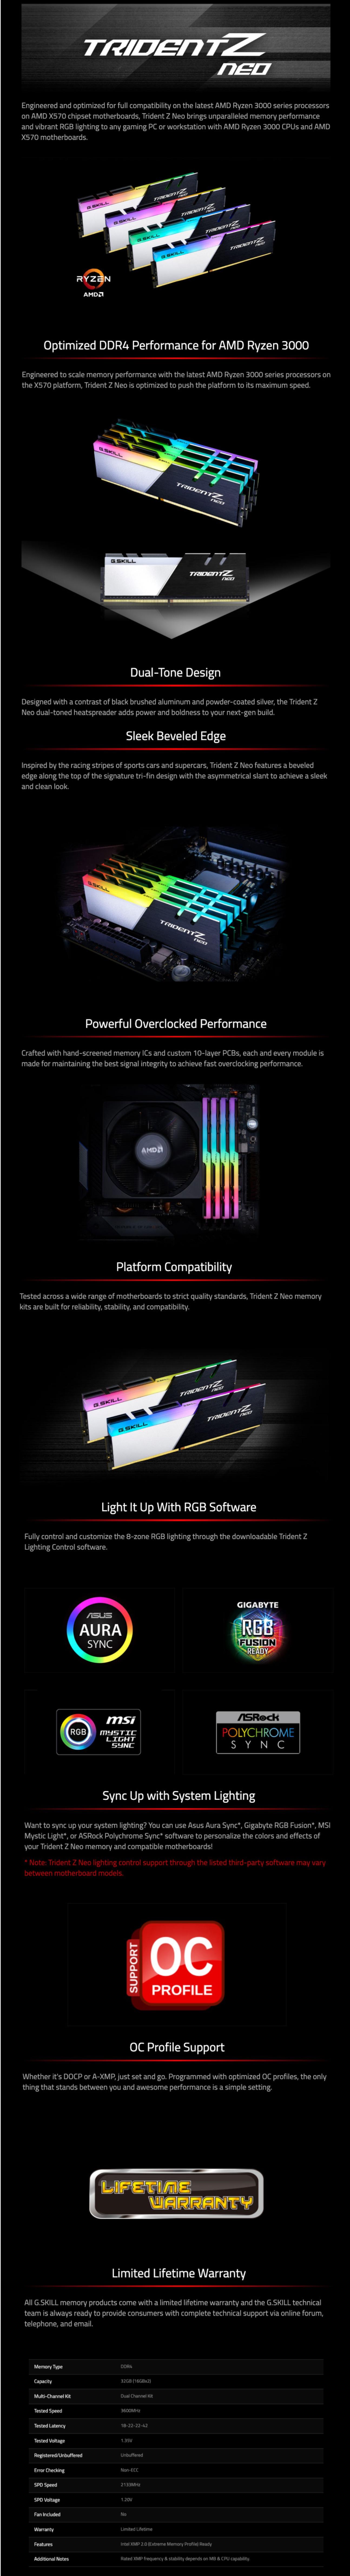 G Skill Trident Z Neo F4-3600C16D-32GTZNC 32GB (2x16GB) DDR4